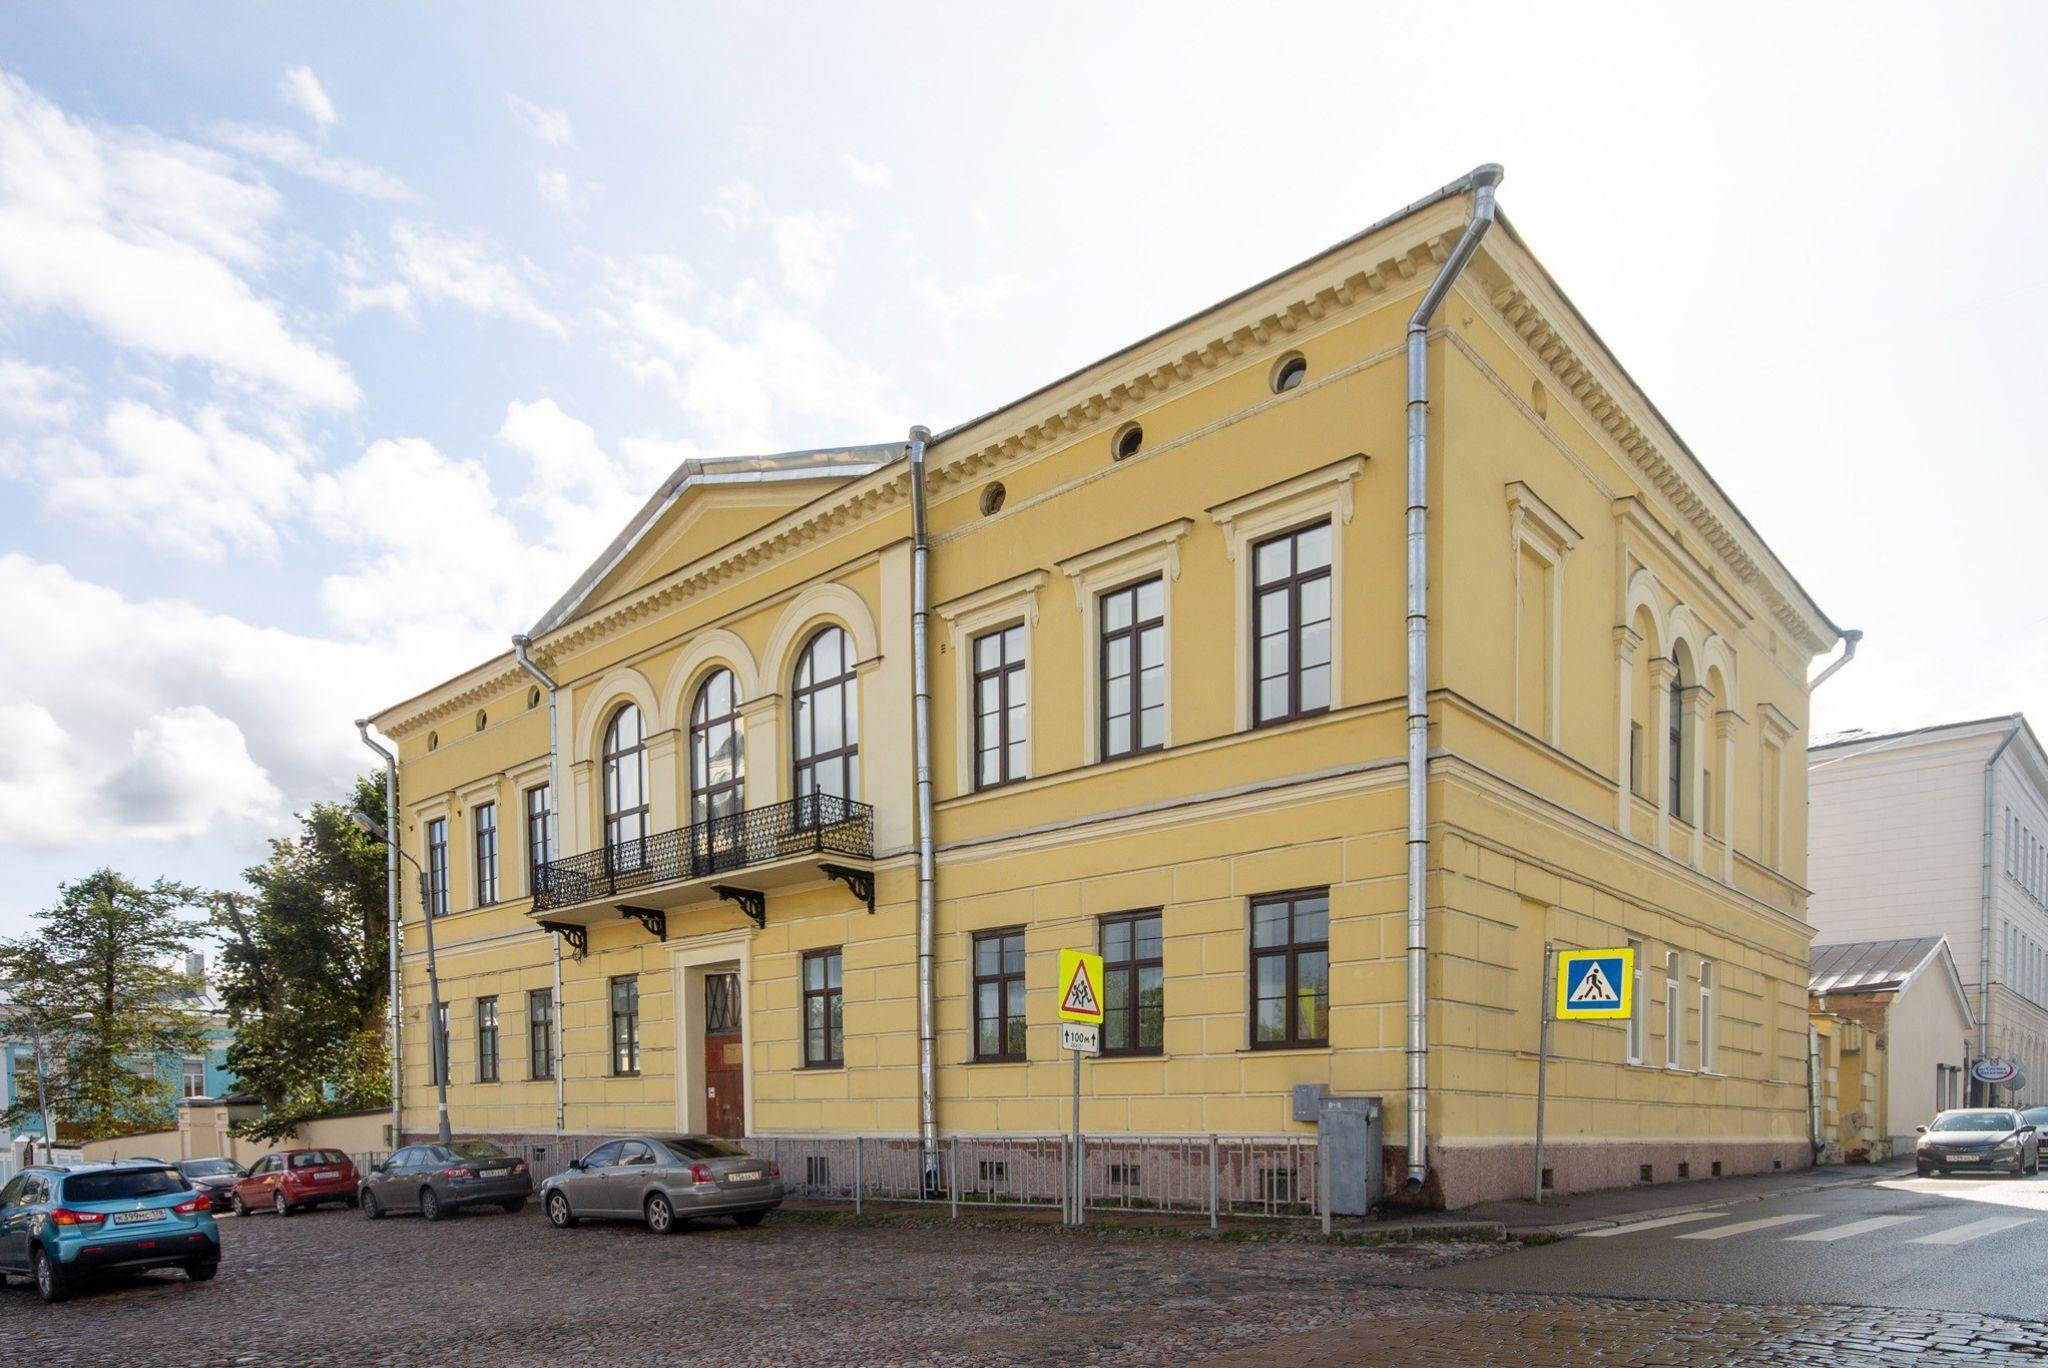 Дом президента гофгерихта